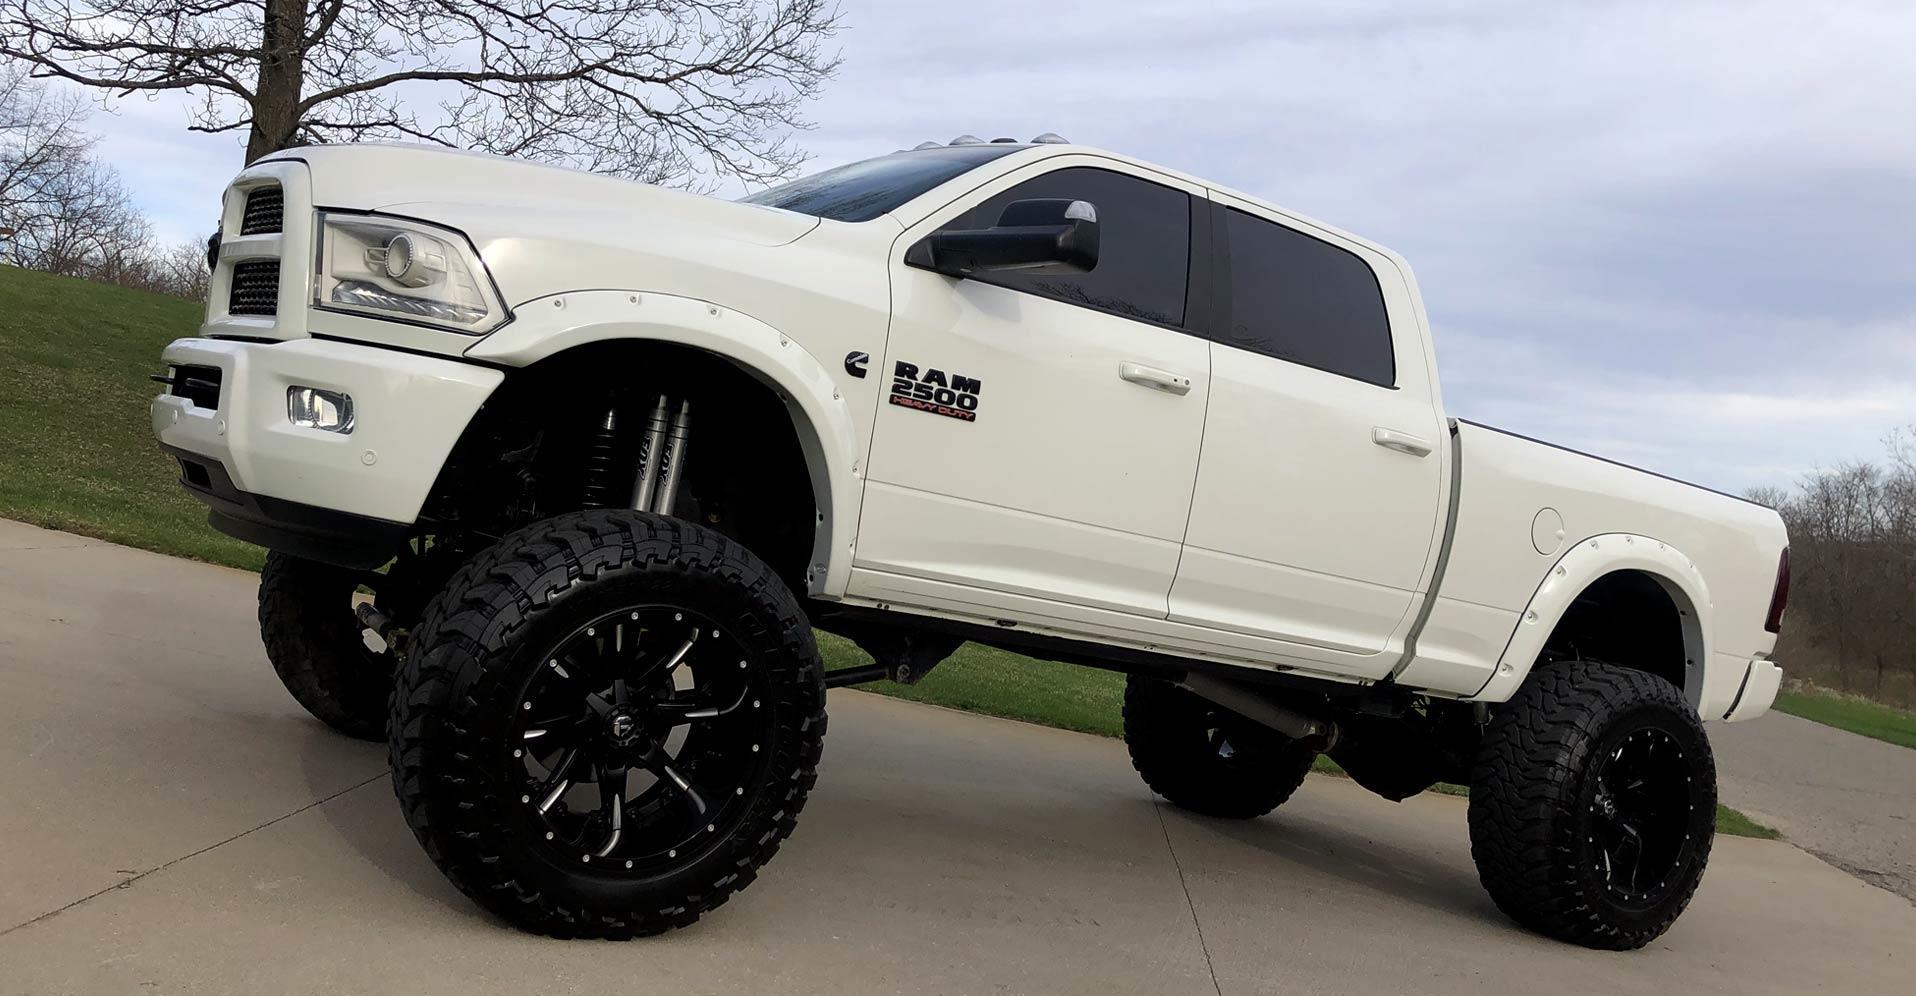 Used Tires Flint Mi >> Jmb Auto Sports Flint Mi New Used Cars Trucks Sales Service